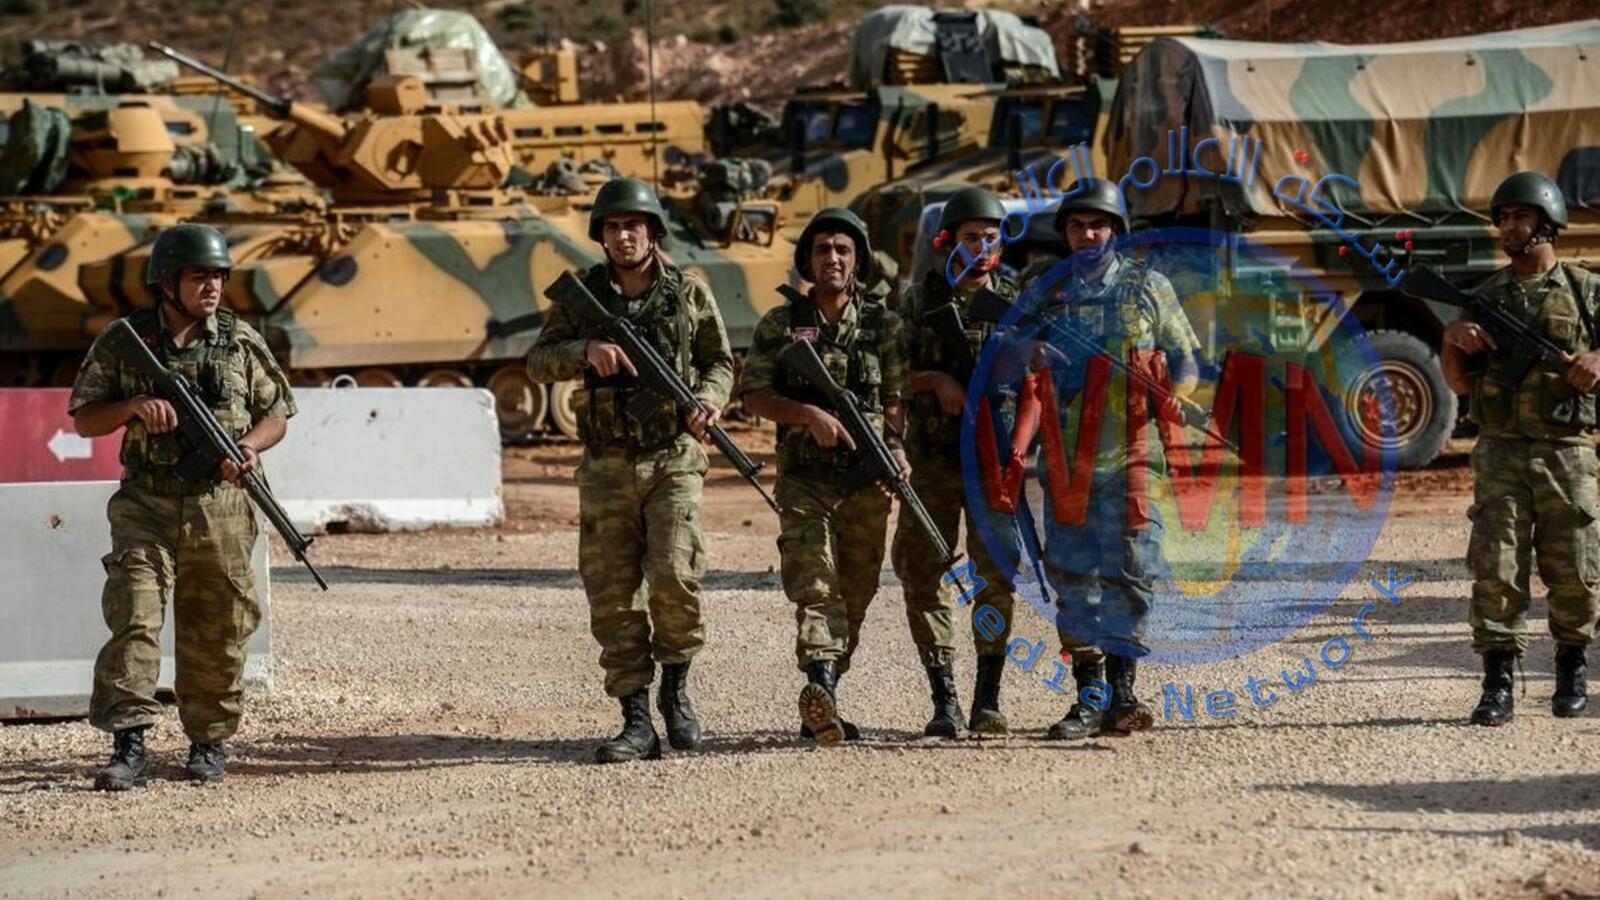 أنقرة تطالب دمشق بوقف هجمات قواتها بشمال غرب سوريا